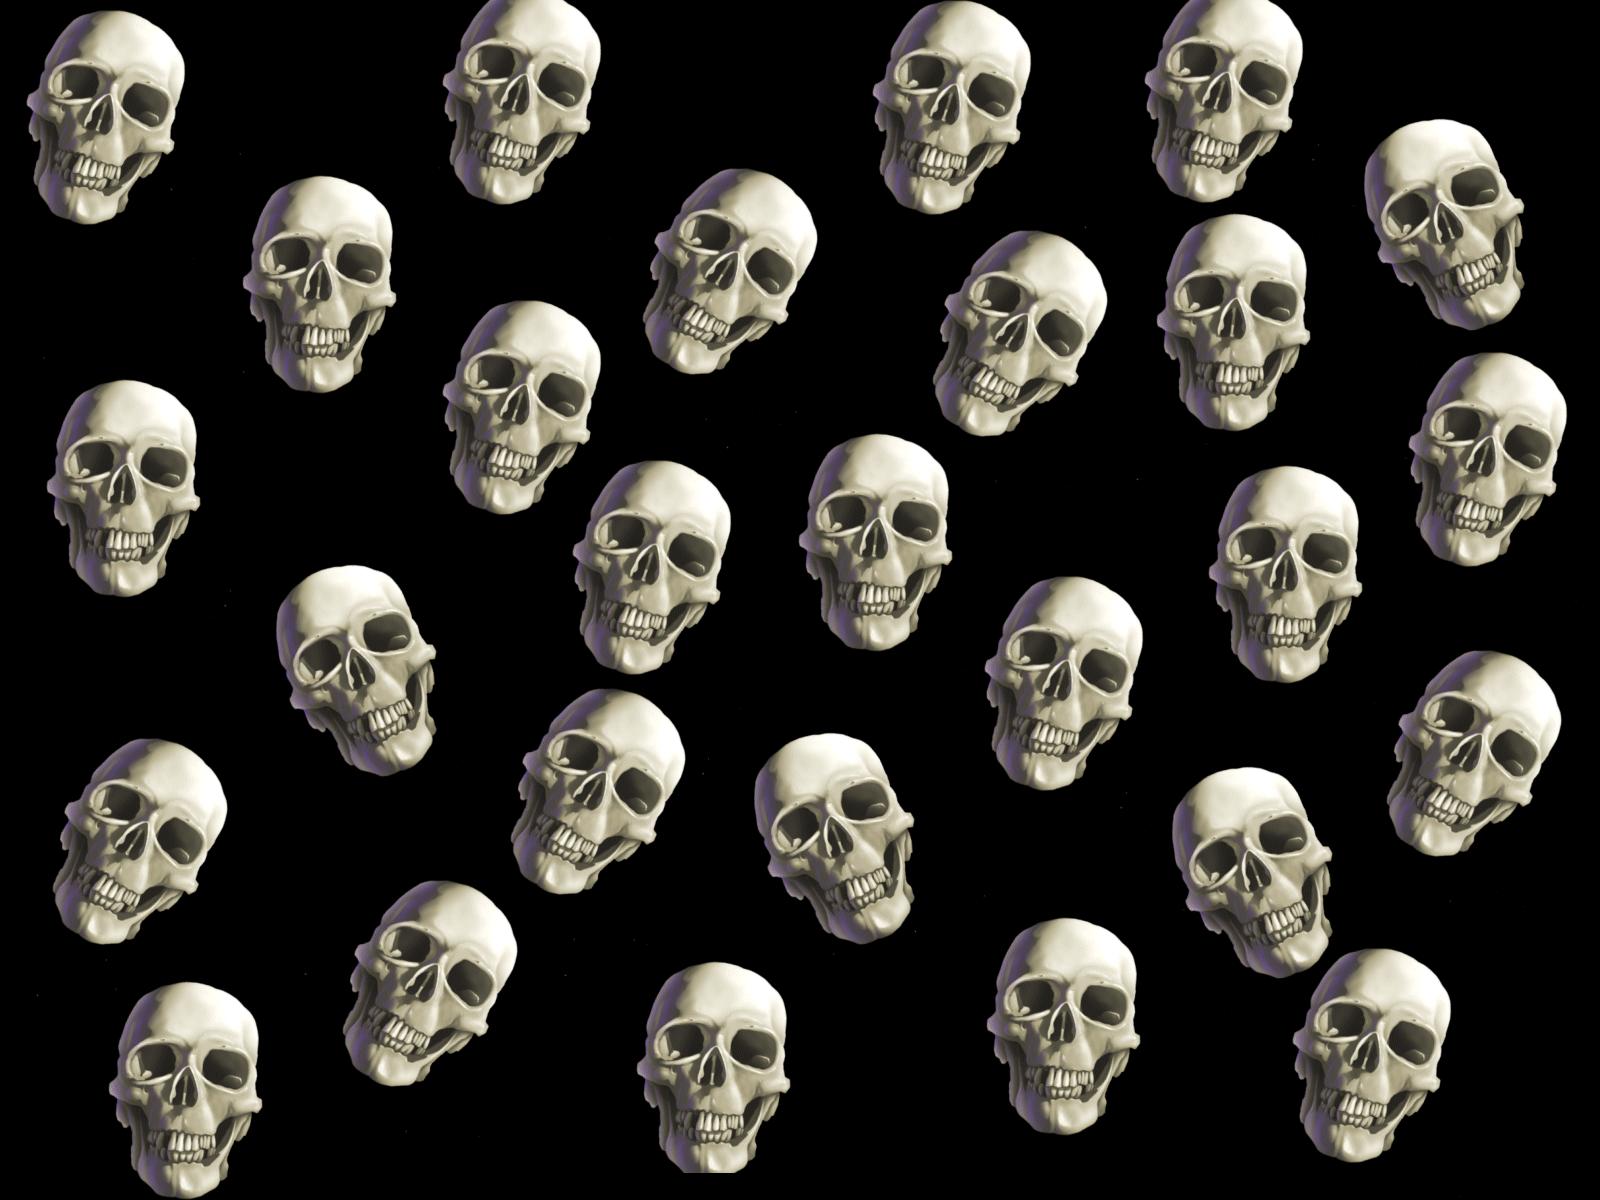 Fantastic Wallpaper Halloween Skull - 21bdaf92645b085cb2a2e4d12b467ef6  Pictures_206632.png